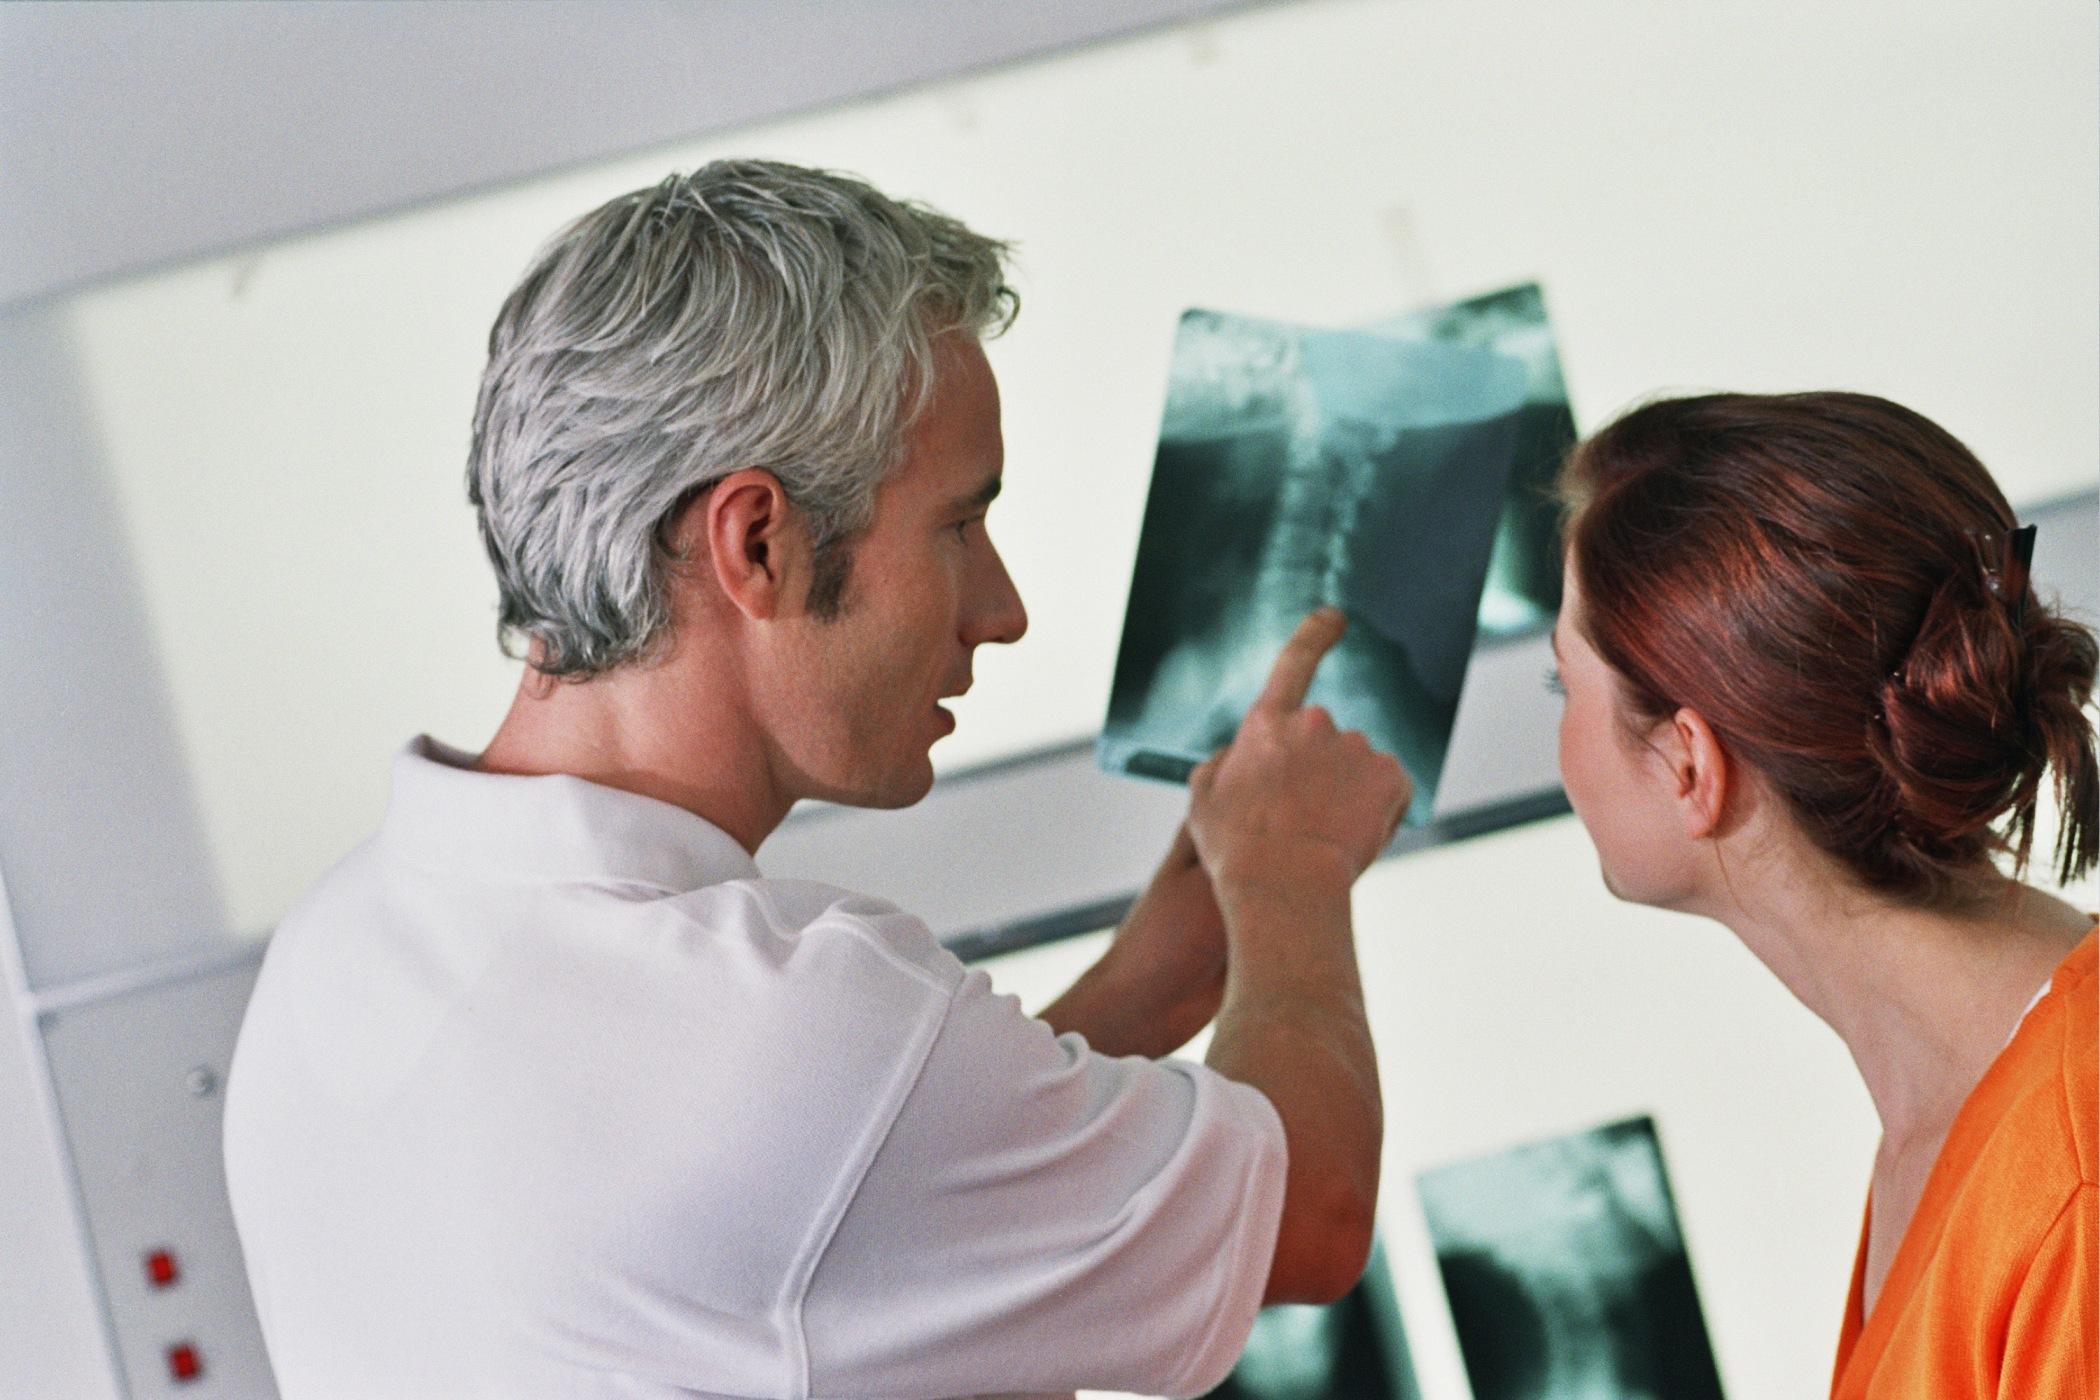 medizinische_untersuchung_roentgenaufnahme-1-1410558-2